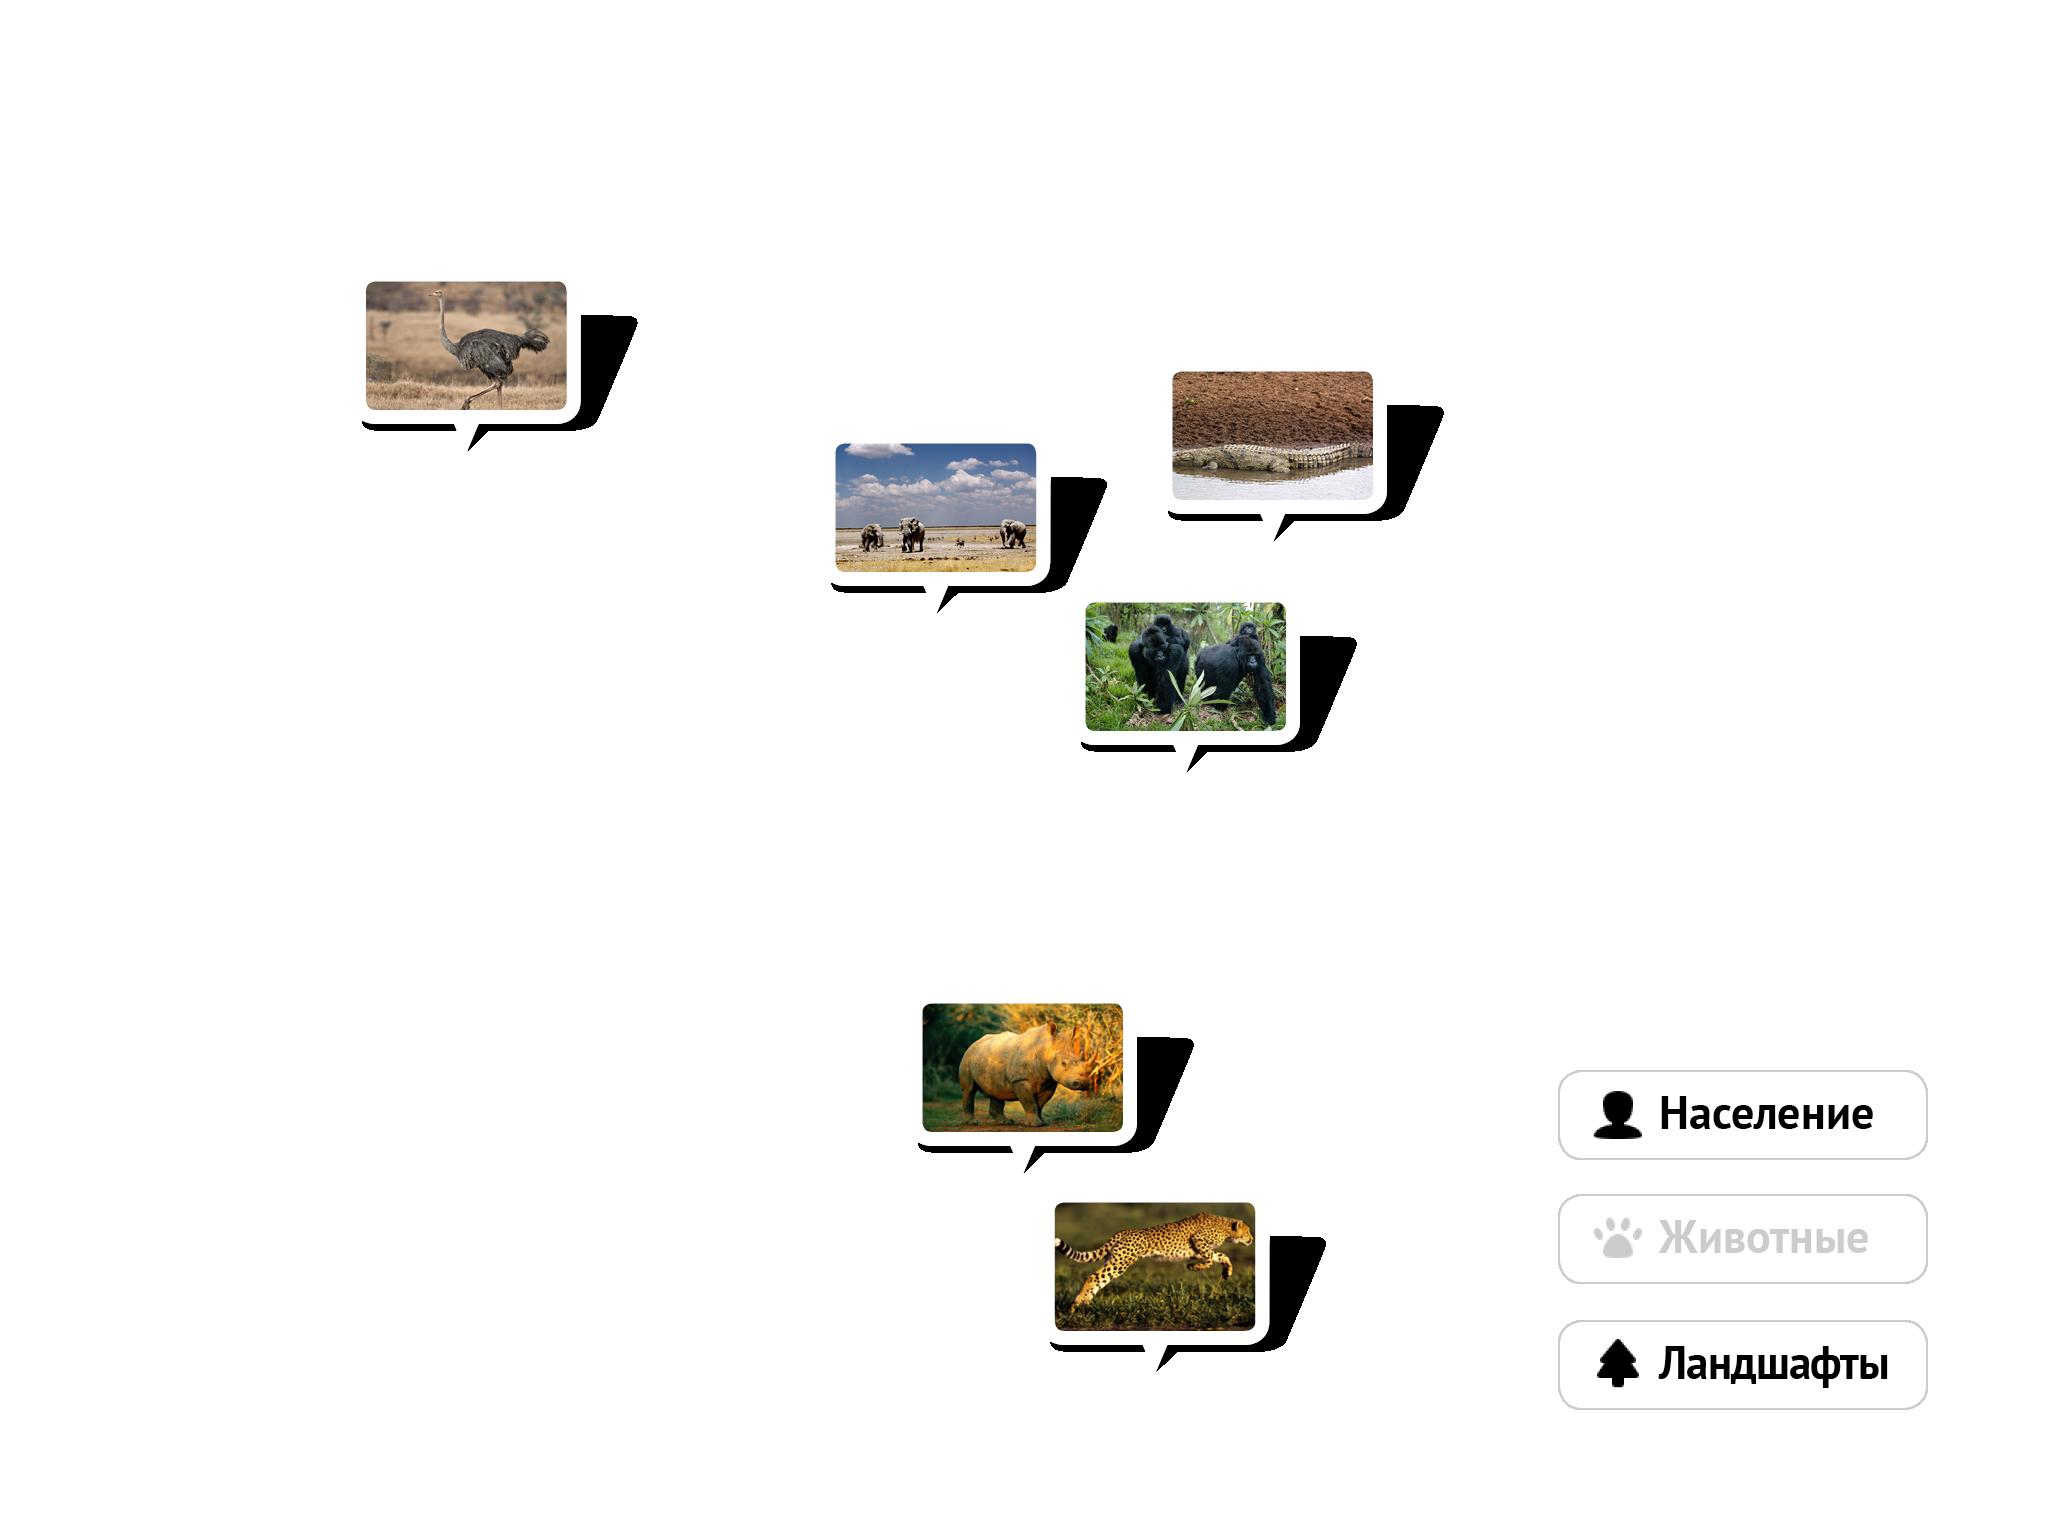 Как называются тропические степи в африке